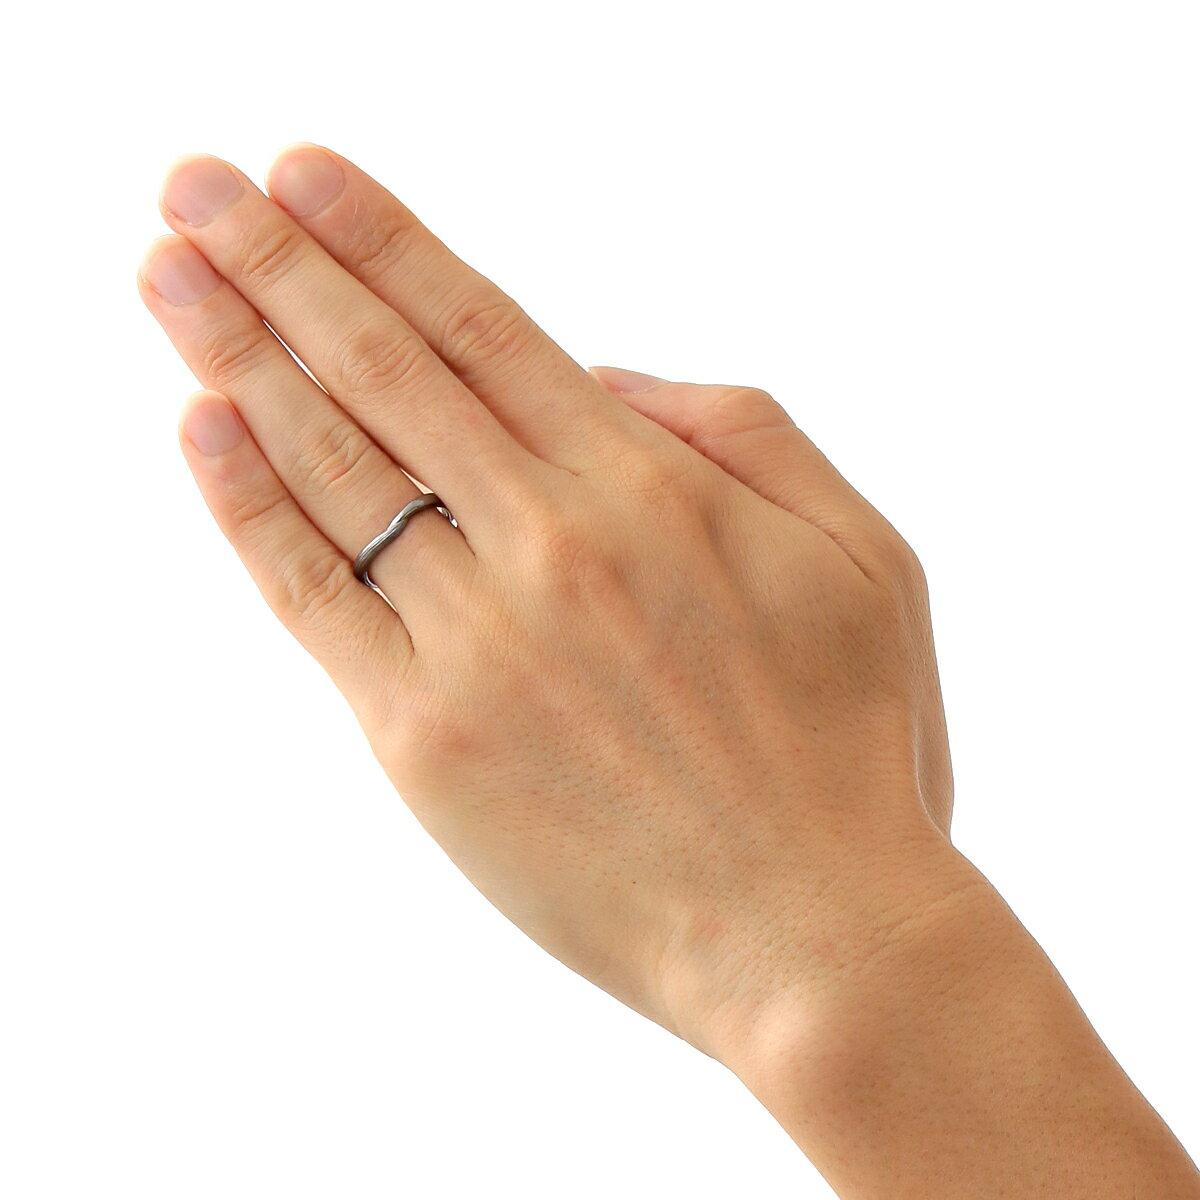 【あす楽対応】【ディズニーコレクション】 ディズニー / ペアリング / ディズニープリンセス ラプンツェル / THE KISS リング・指輪 シルバ DI-SR2917CB-2918 セット シンプル ザキス